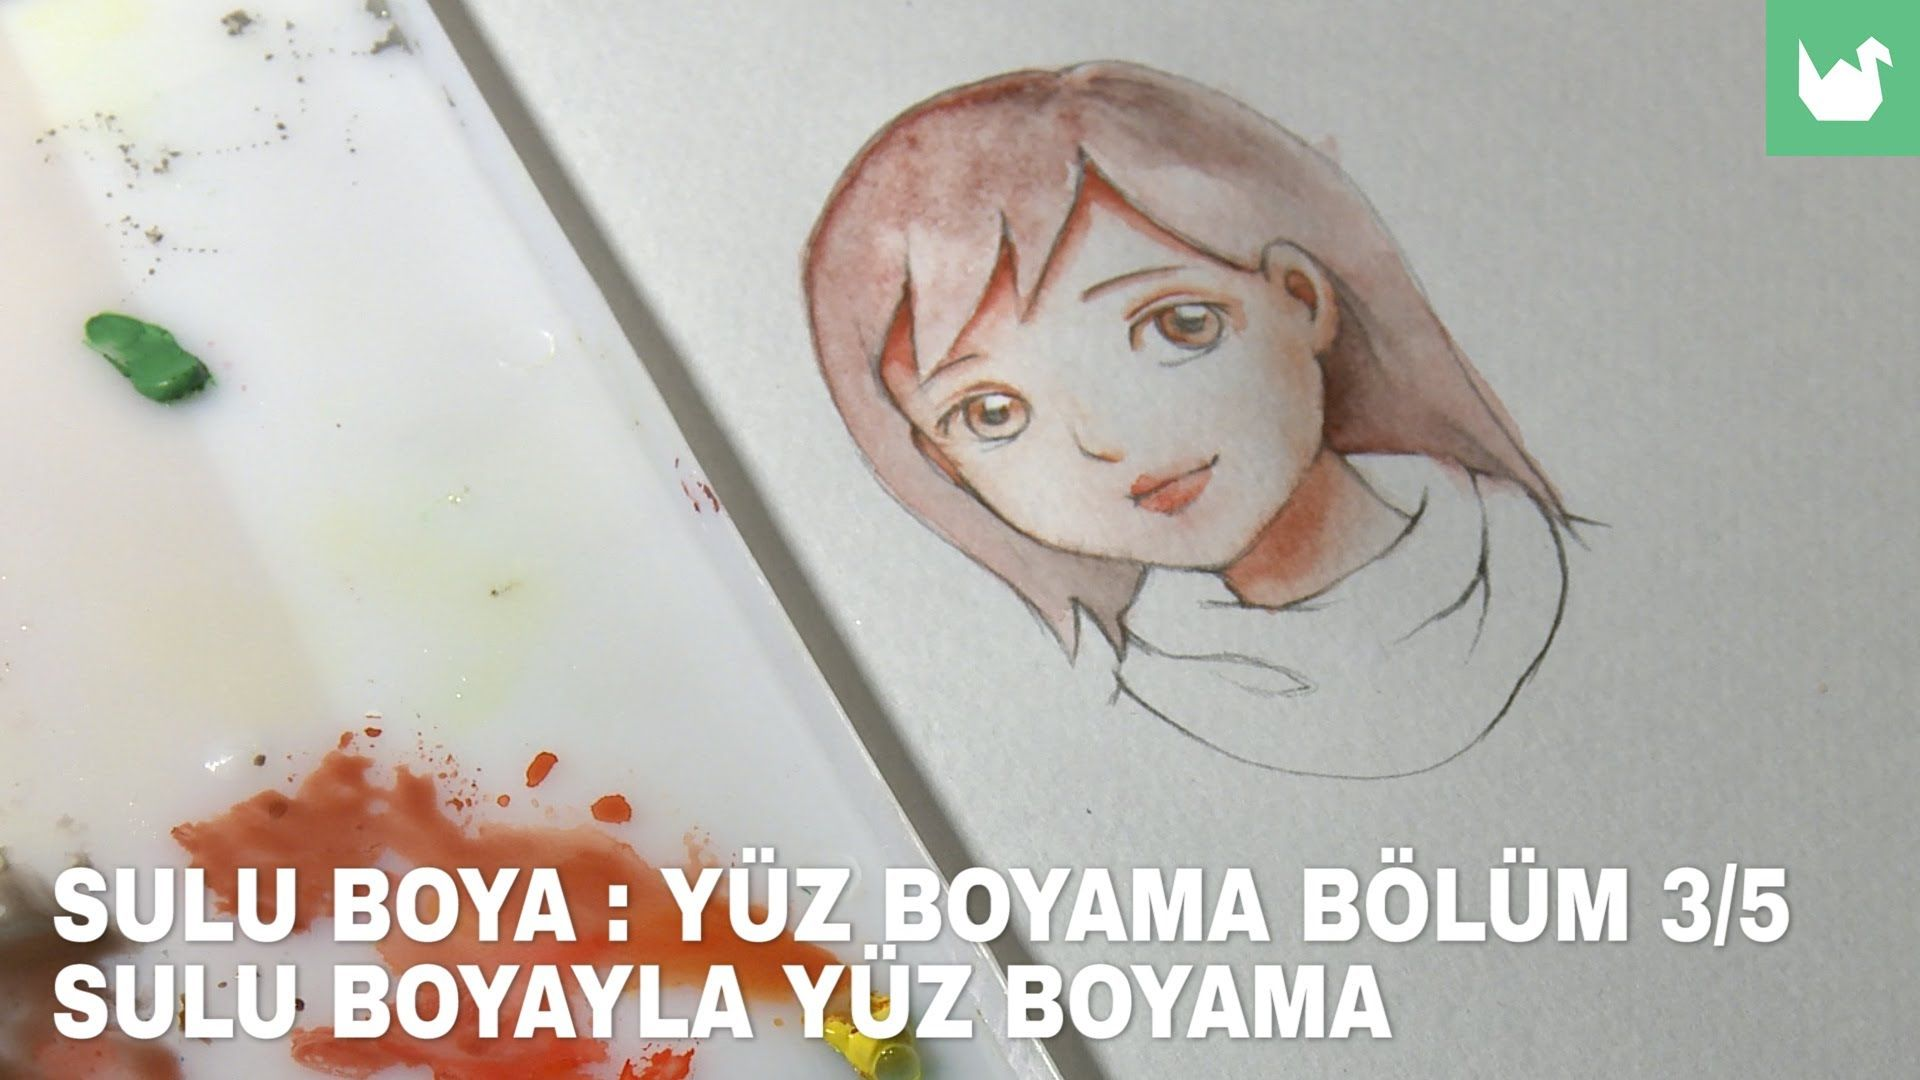 Sulu Boya Yuz Boyama 3 5 Boyama Sulu Boya Manga Yuzler